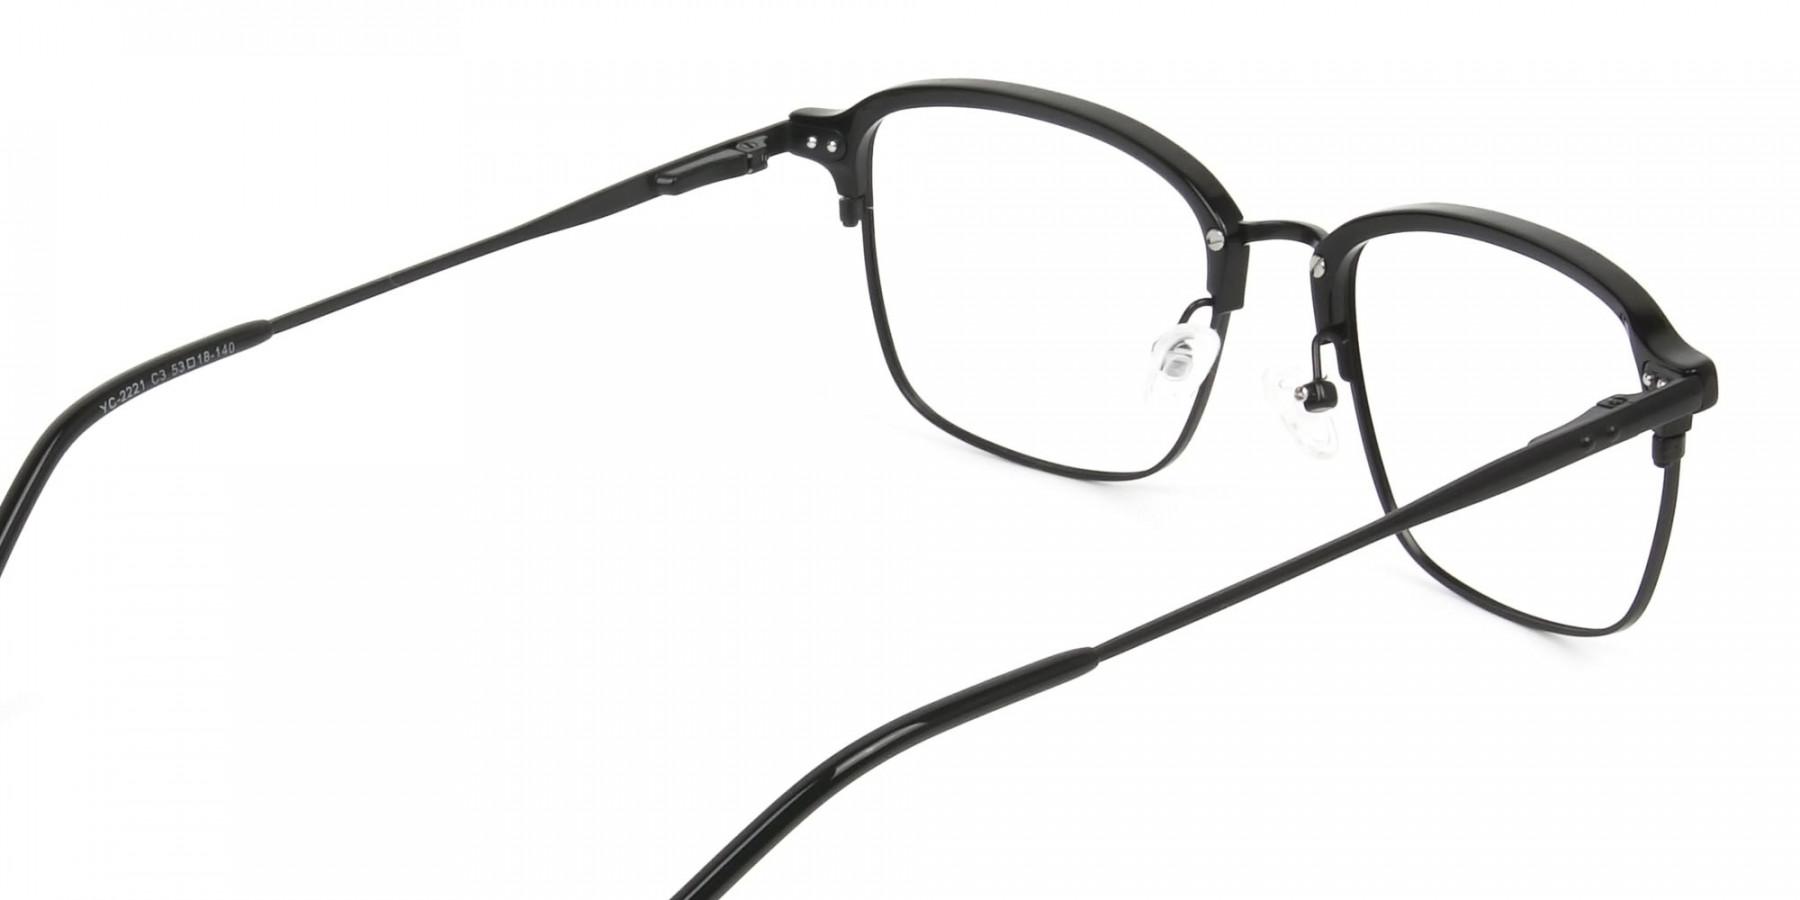 Retro Black Clubmaster Glasses in Rectangular - 1